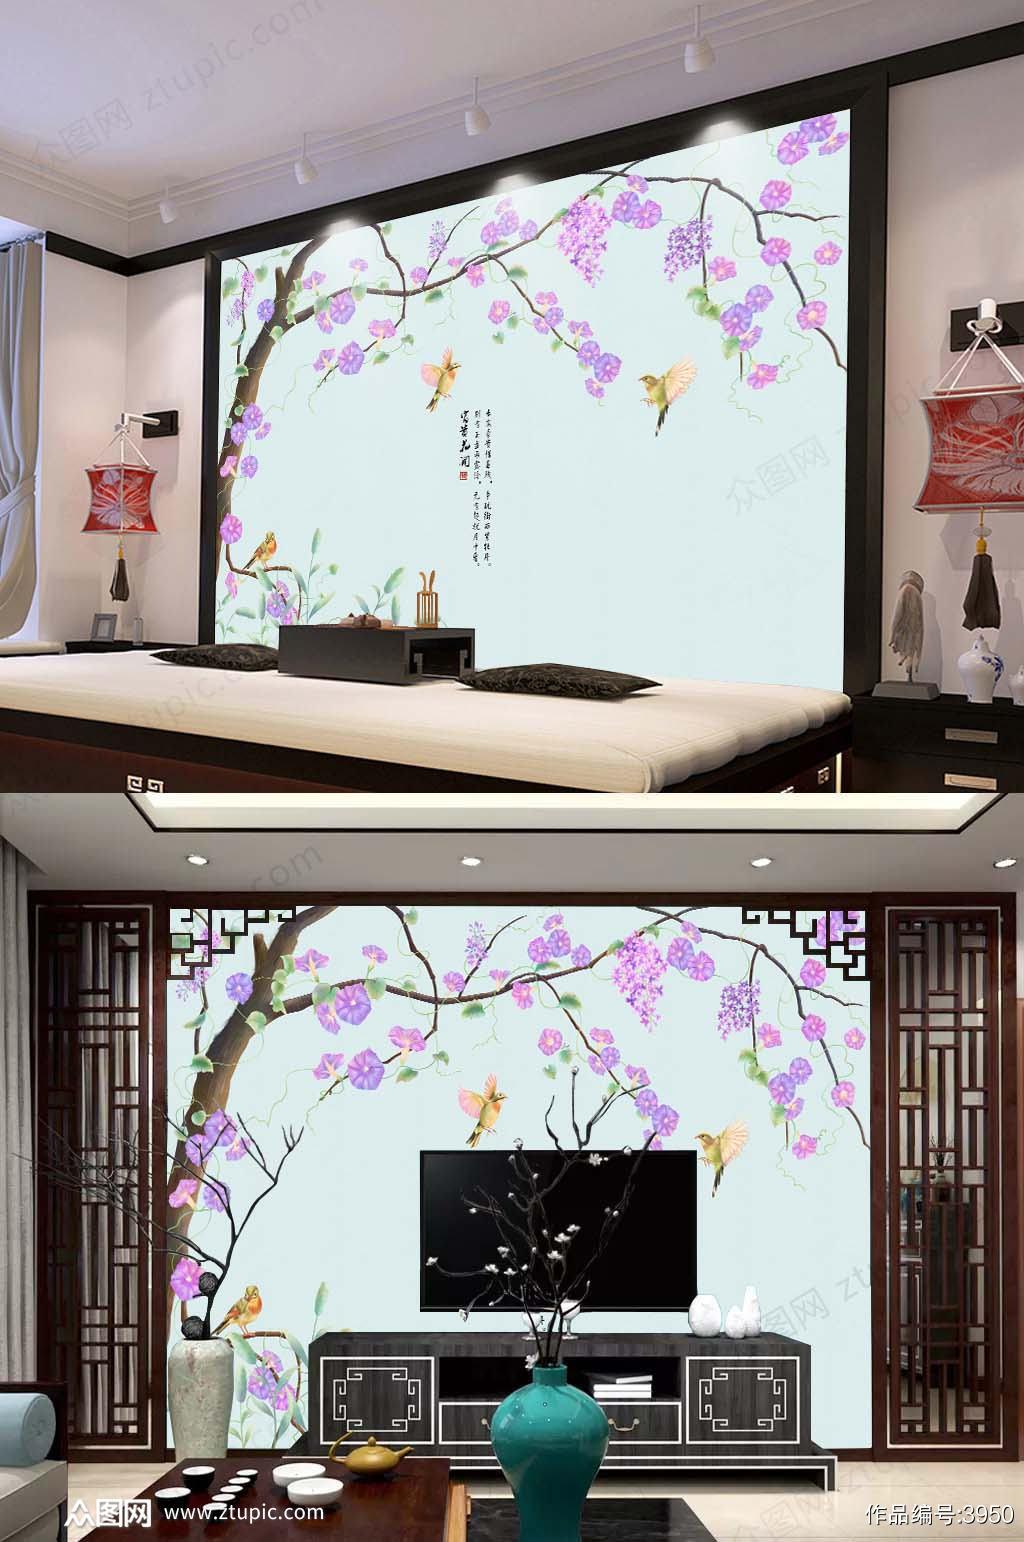 原创新中式牵牛花背景墙手绘水墨喇叭花素材